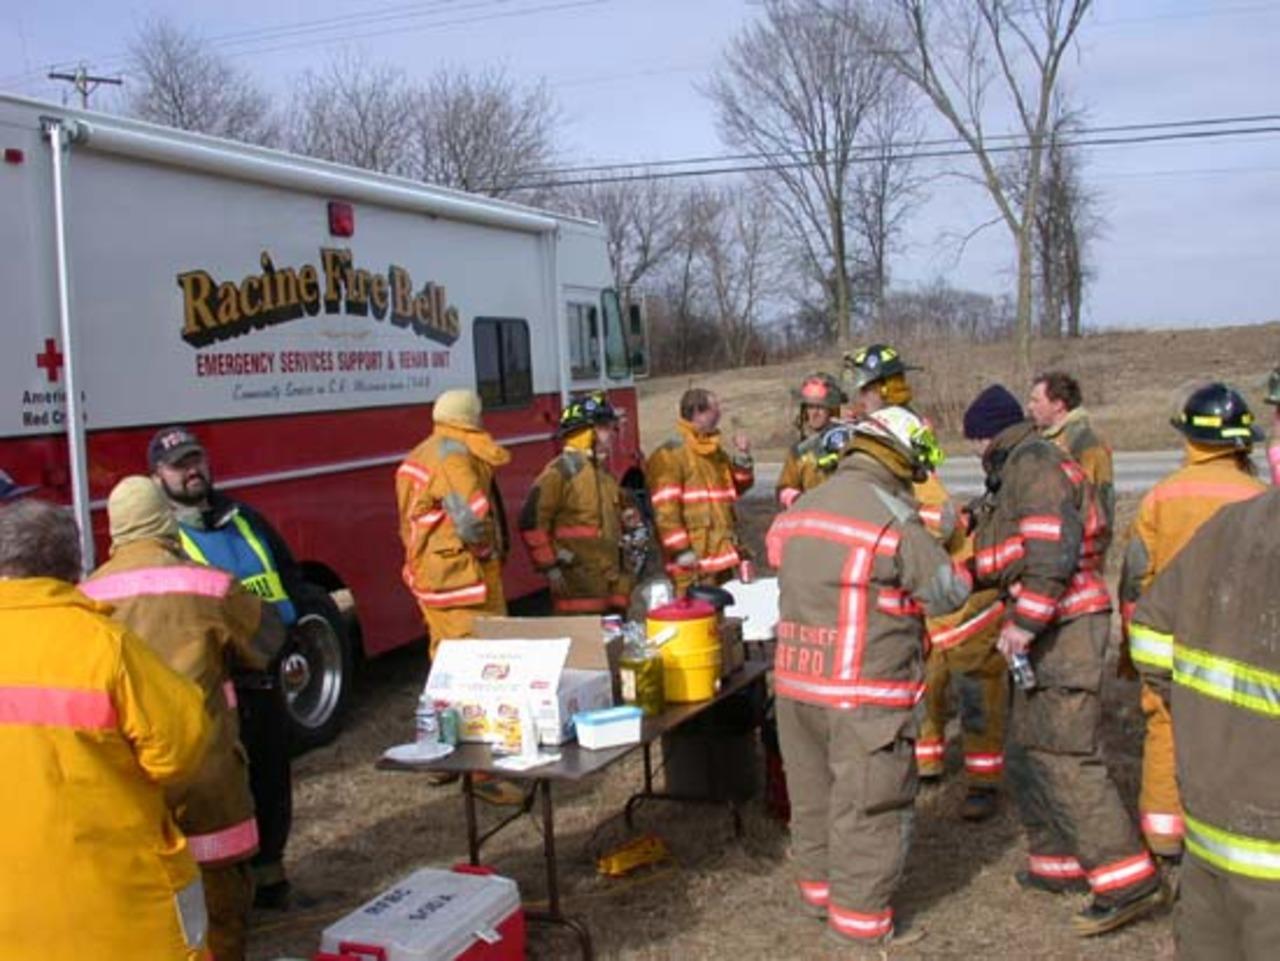 Racine fire bells retro 2 58041f55d5c01